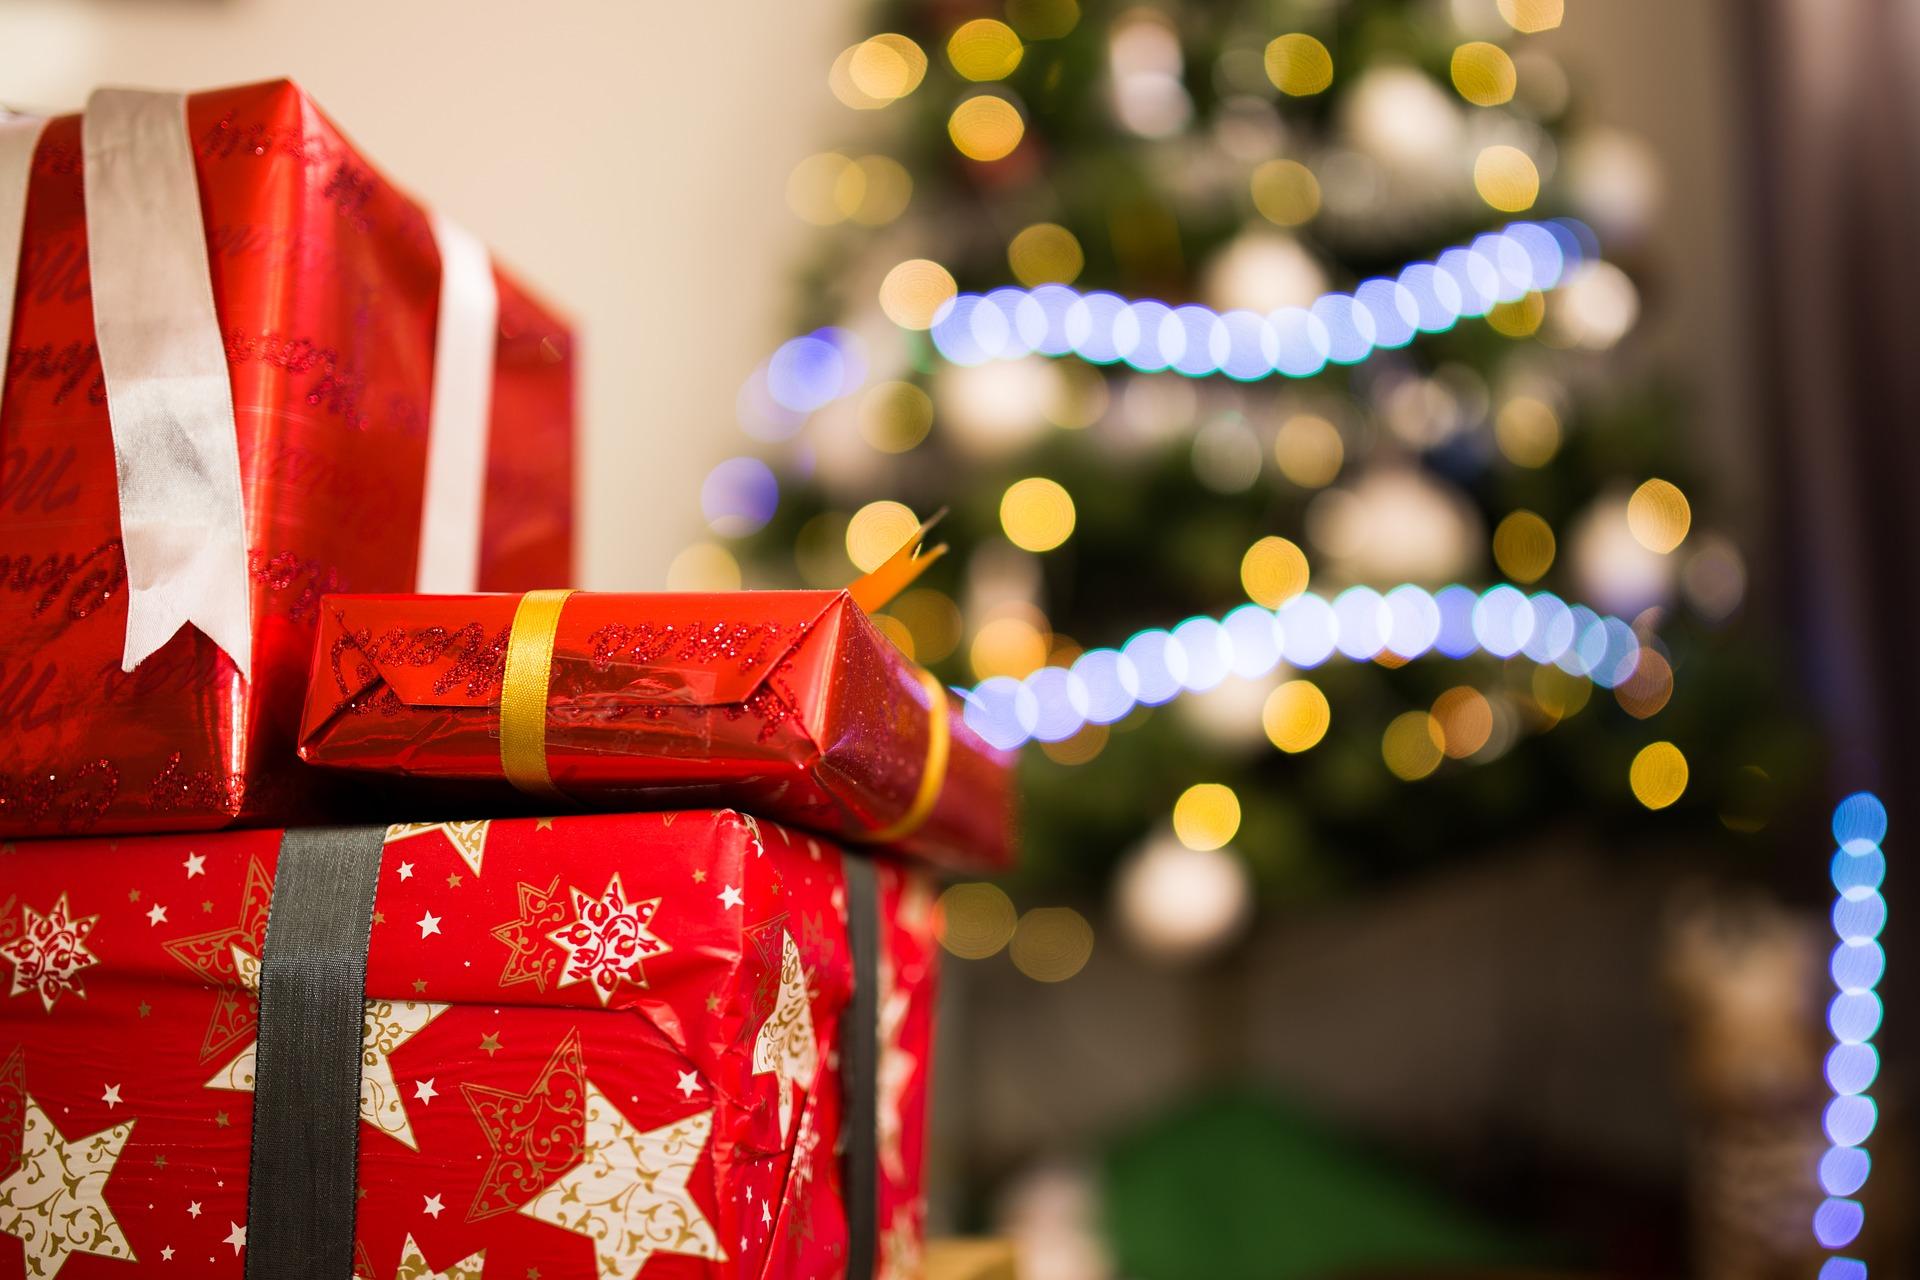 Prvý vianočný datovania darček